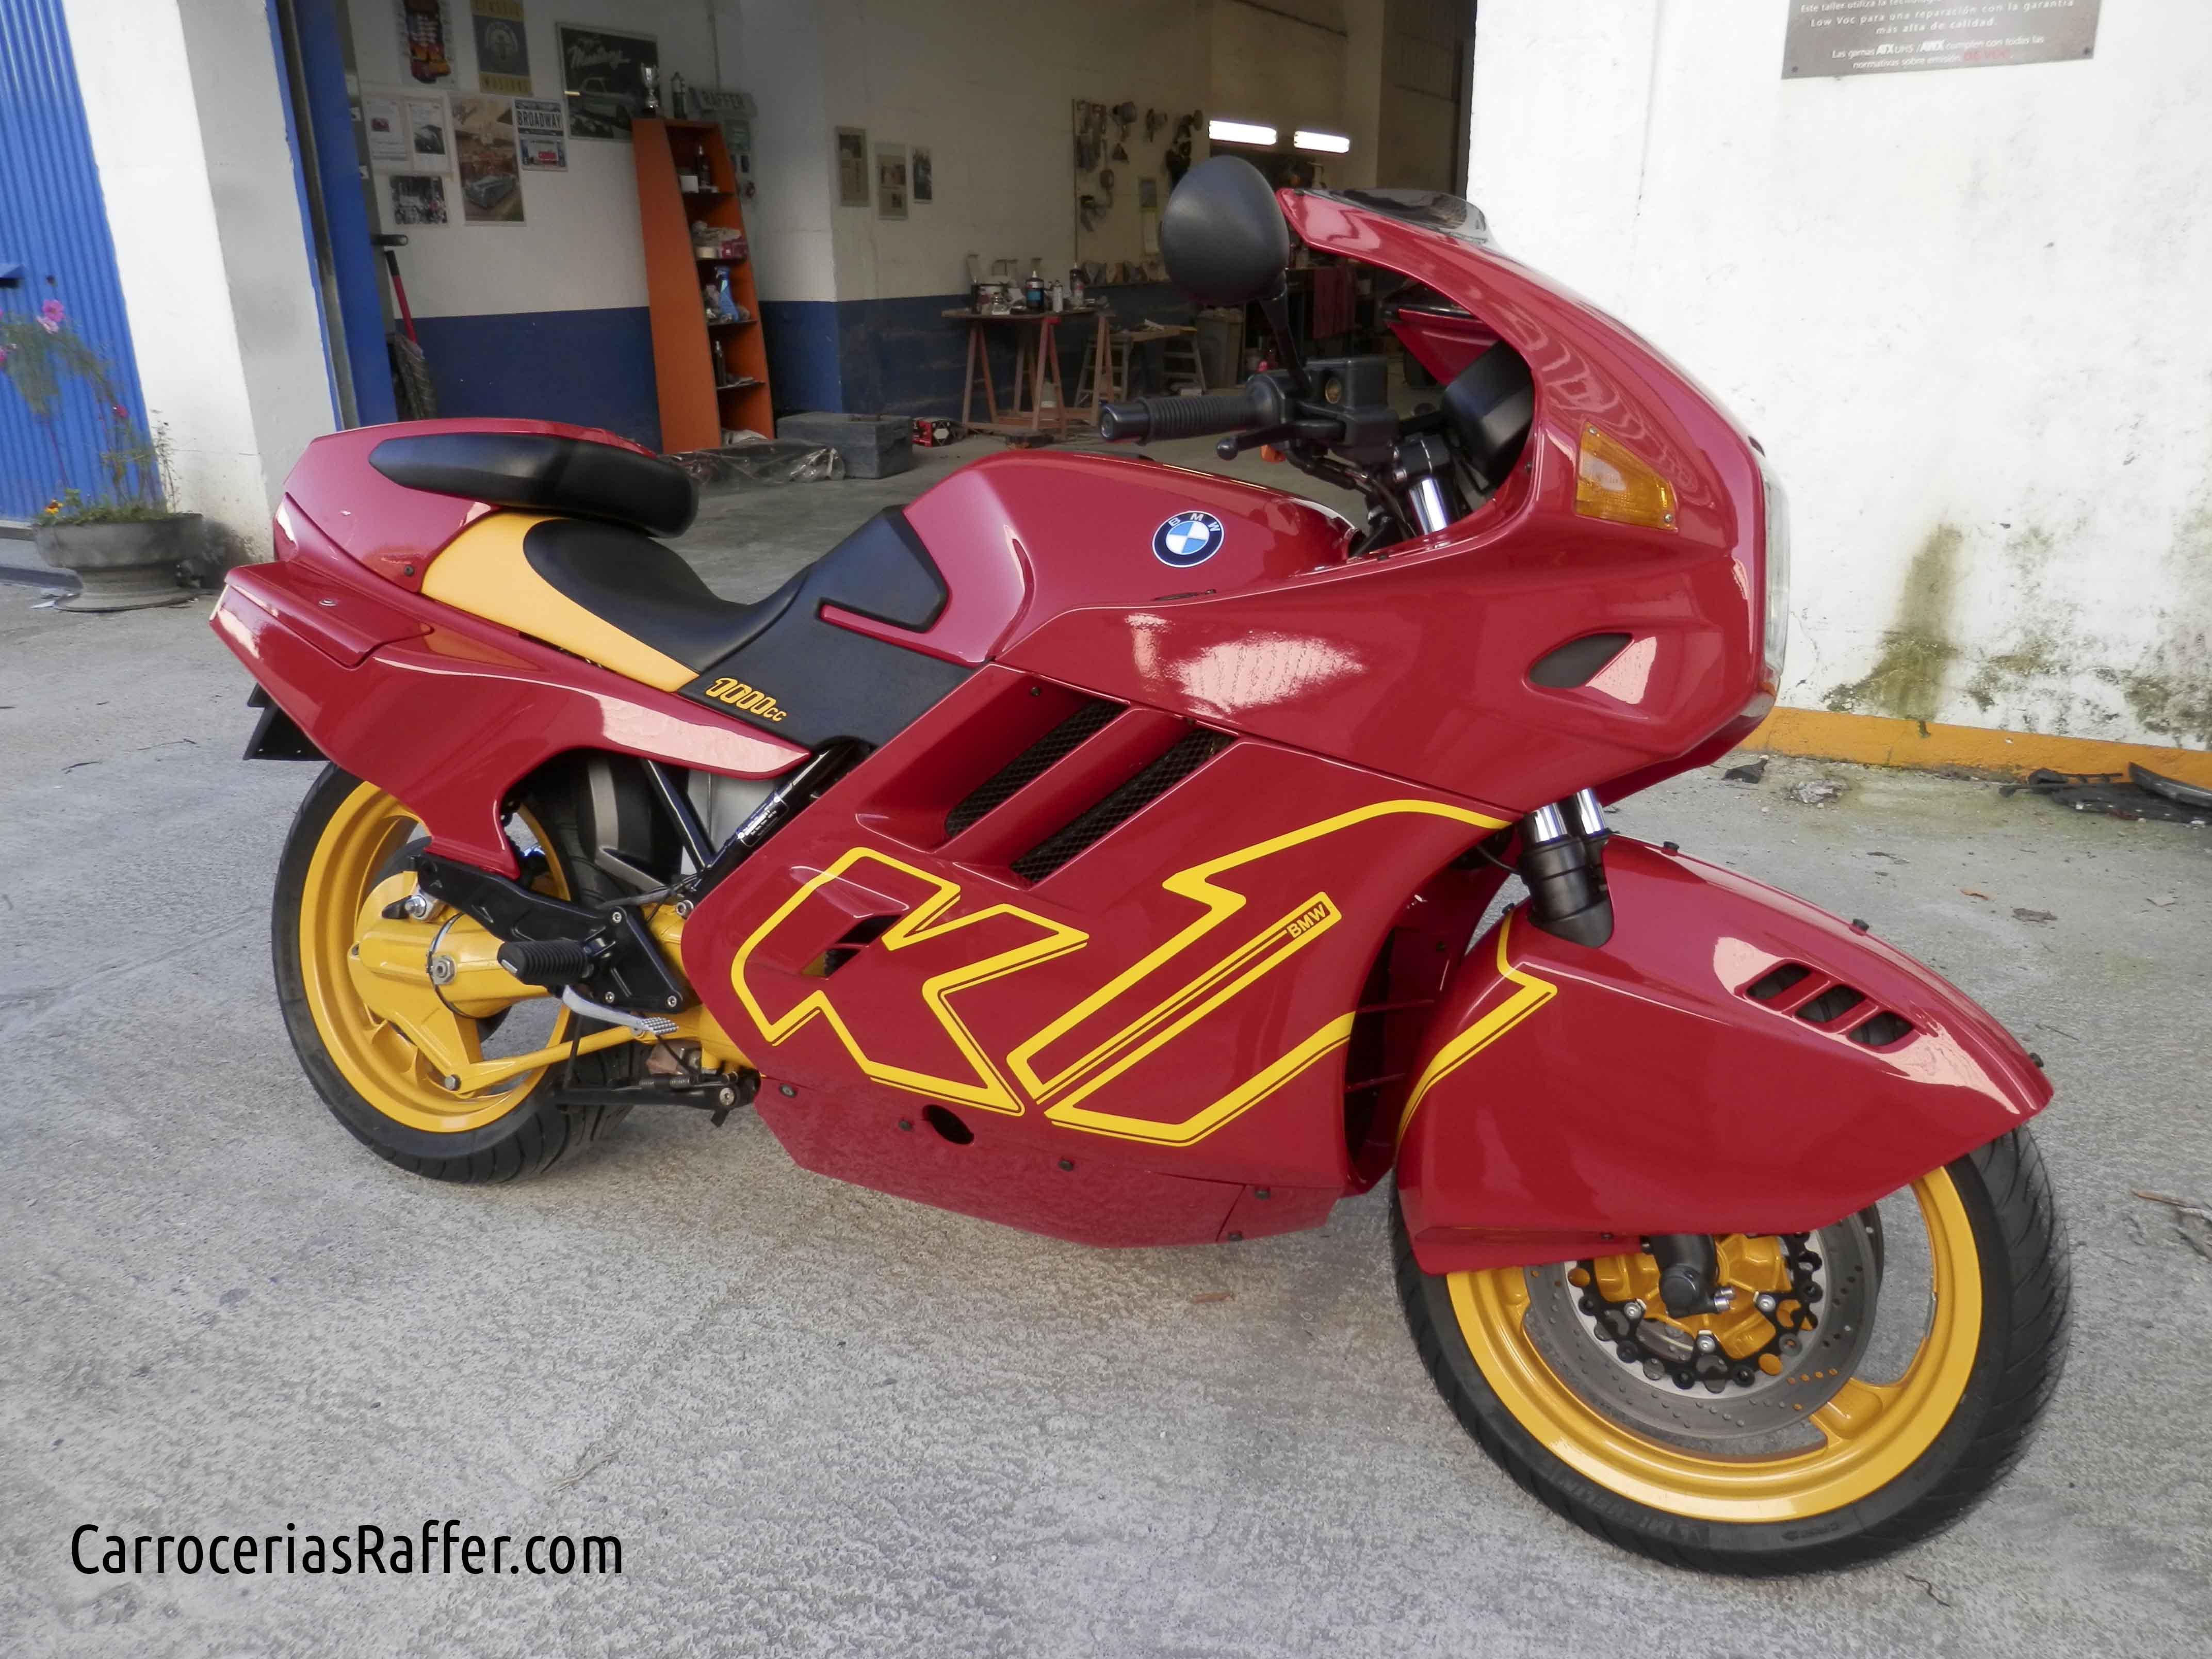 ¿Te gustan las motos? ¿Conoces la BMW K1?